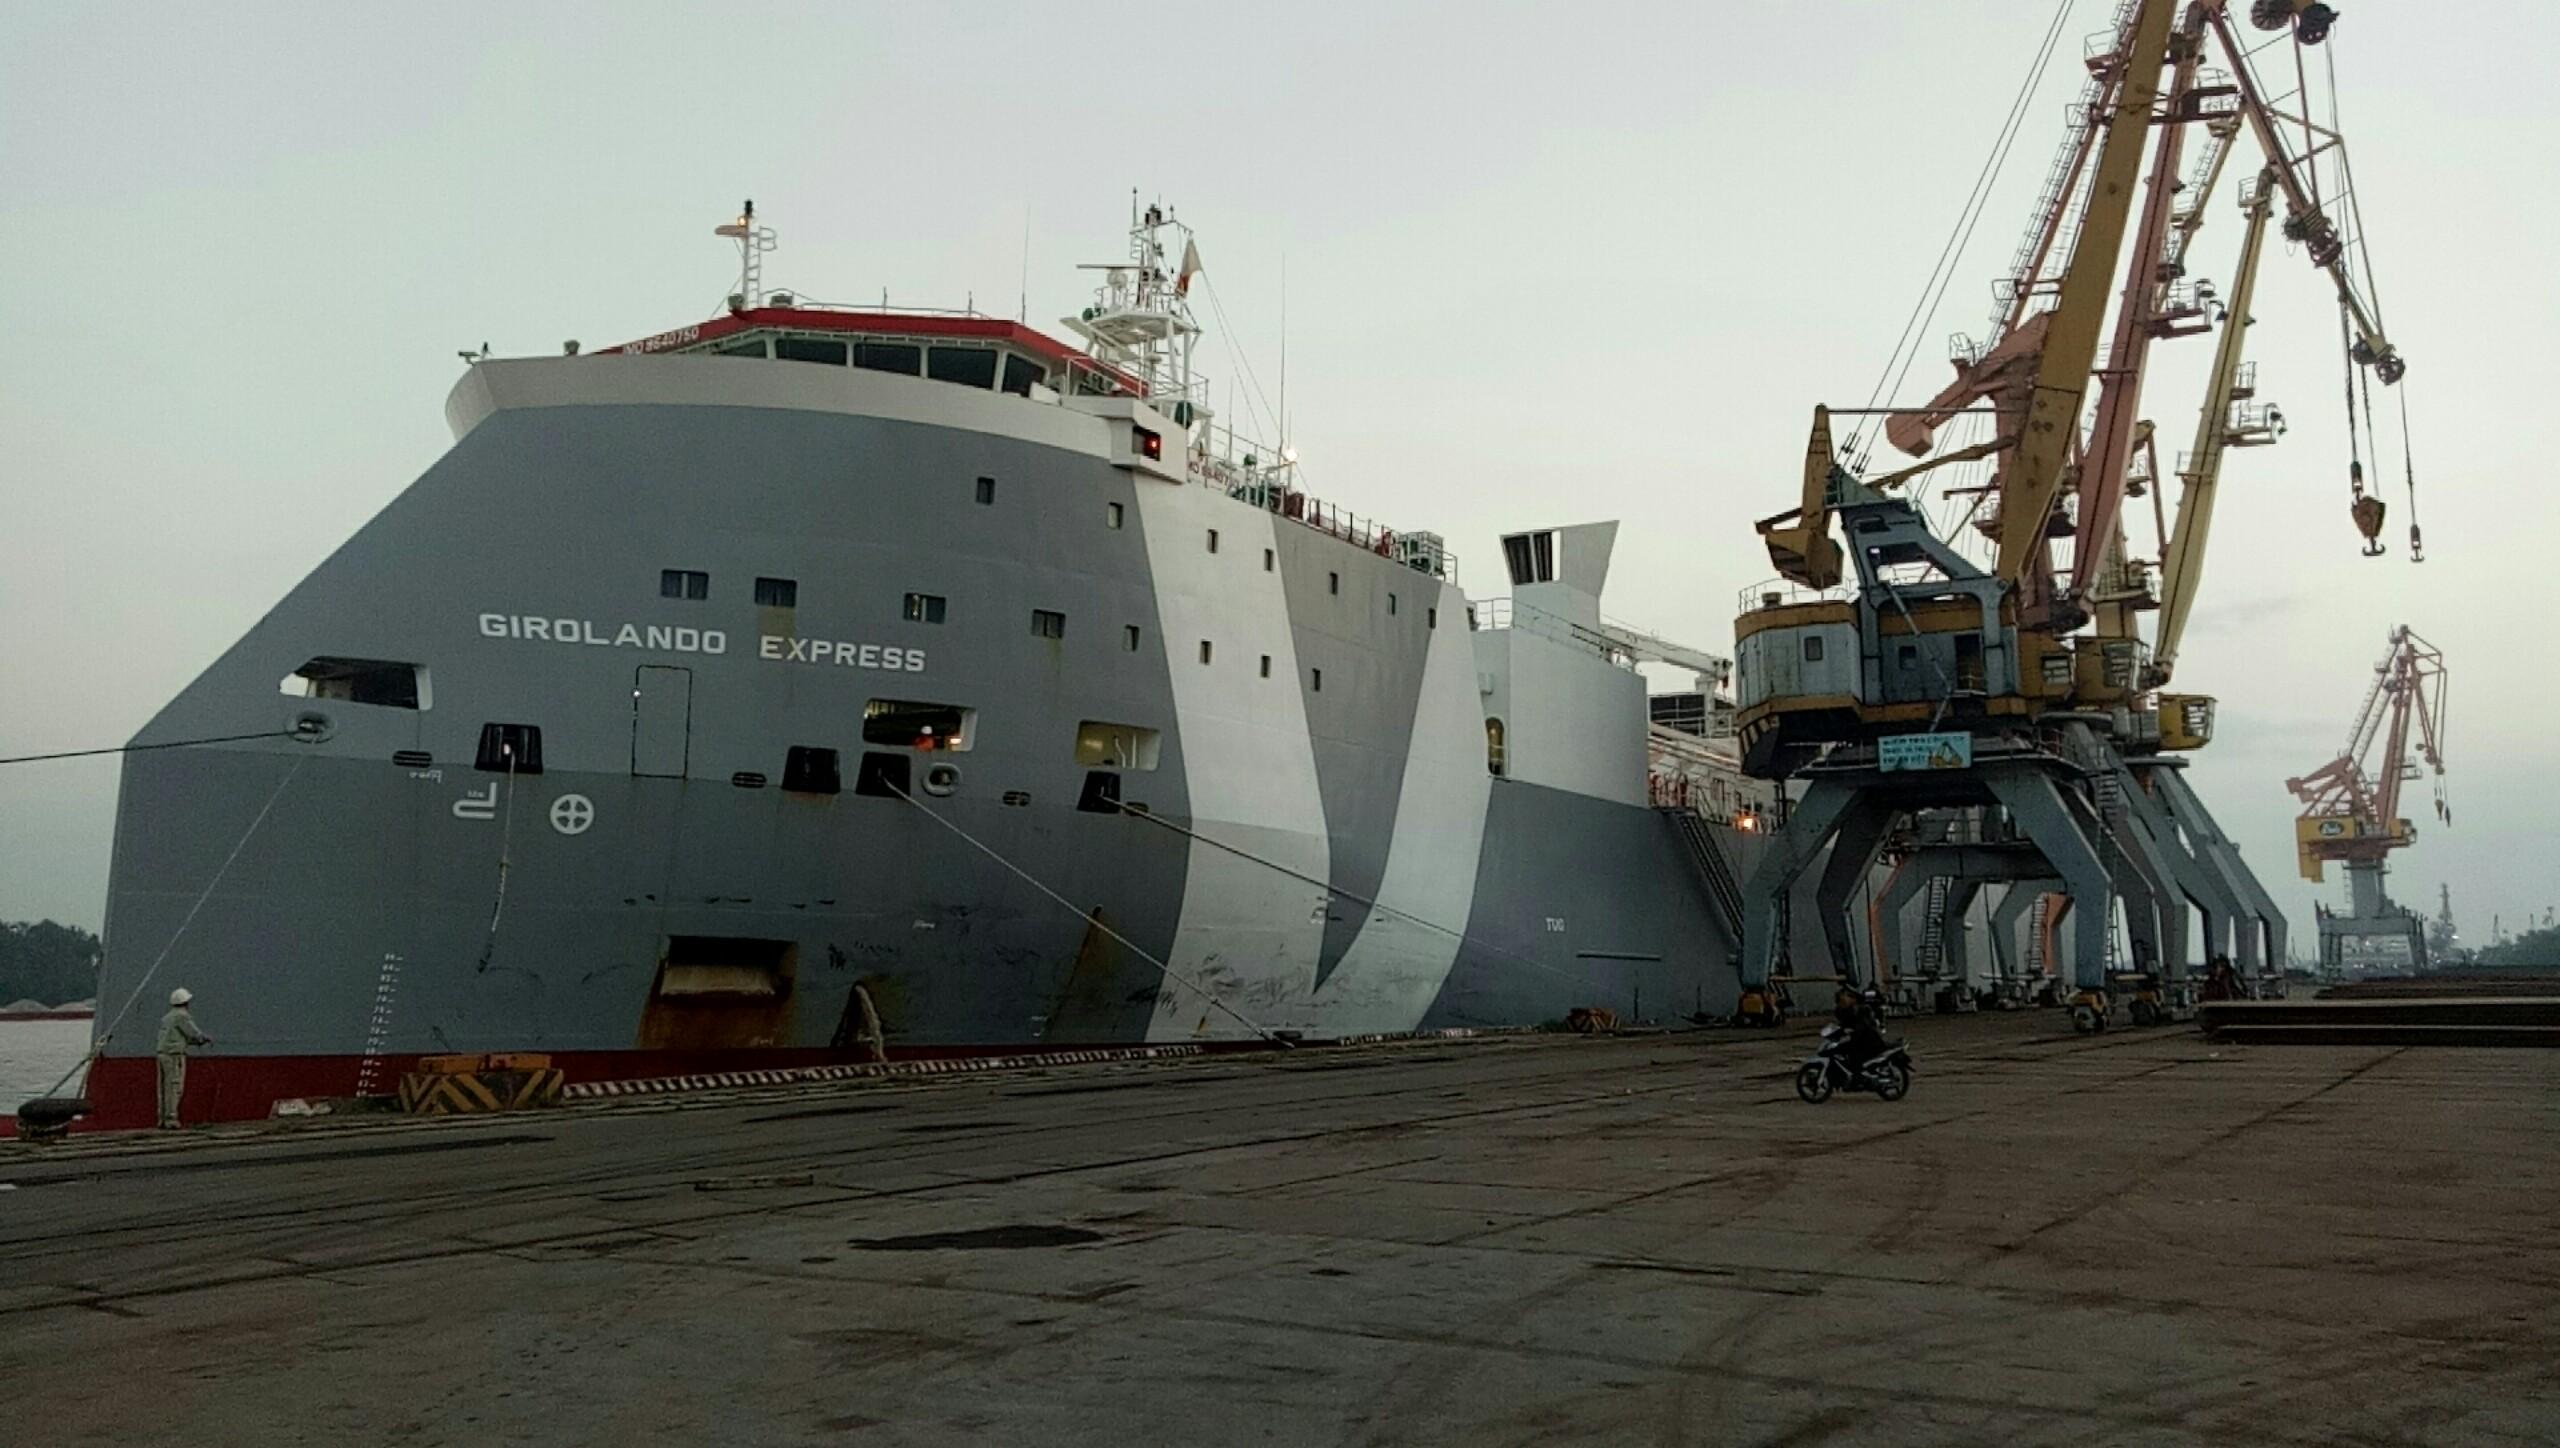 Hai Tầu Bò Úc GREYMAN và GIROLANDO cảng Cá + Hoàng Diệu